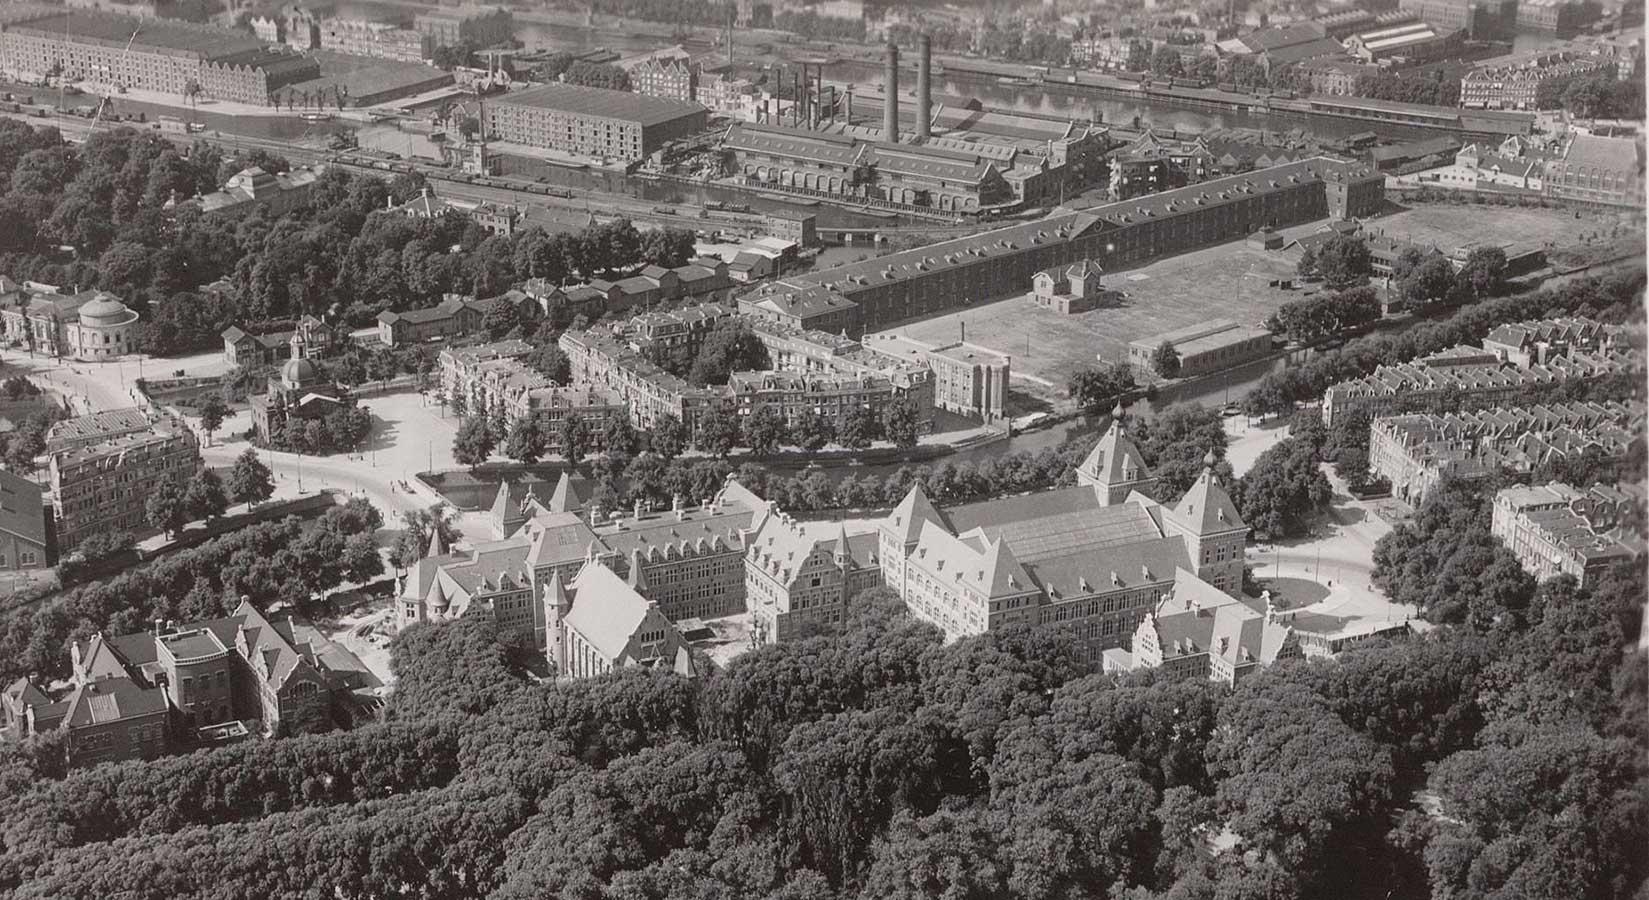 Luchtfoto van KIT met op voorgrond bomendek Oosterpark. Terrein achter Alexanderkazerne nog een grasvlakte